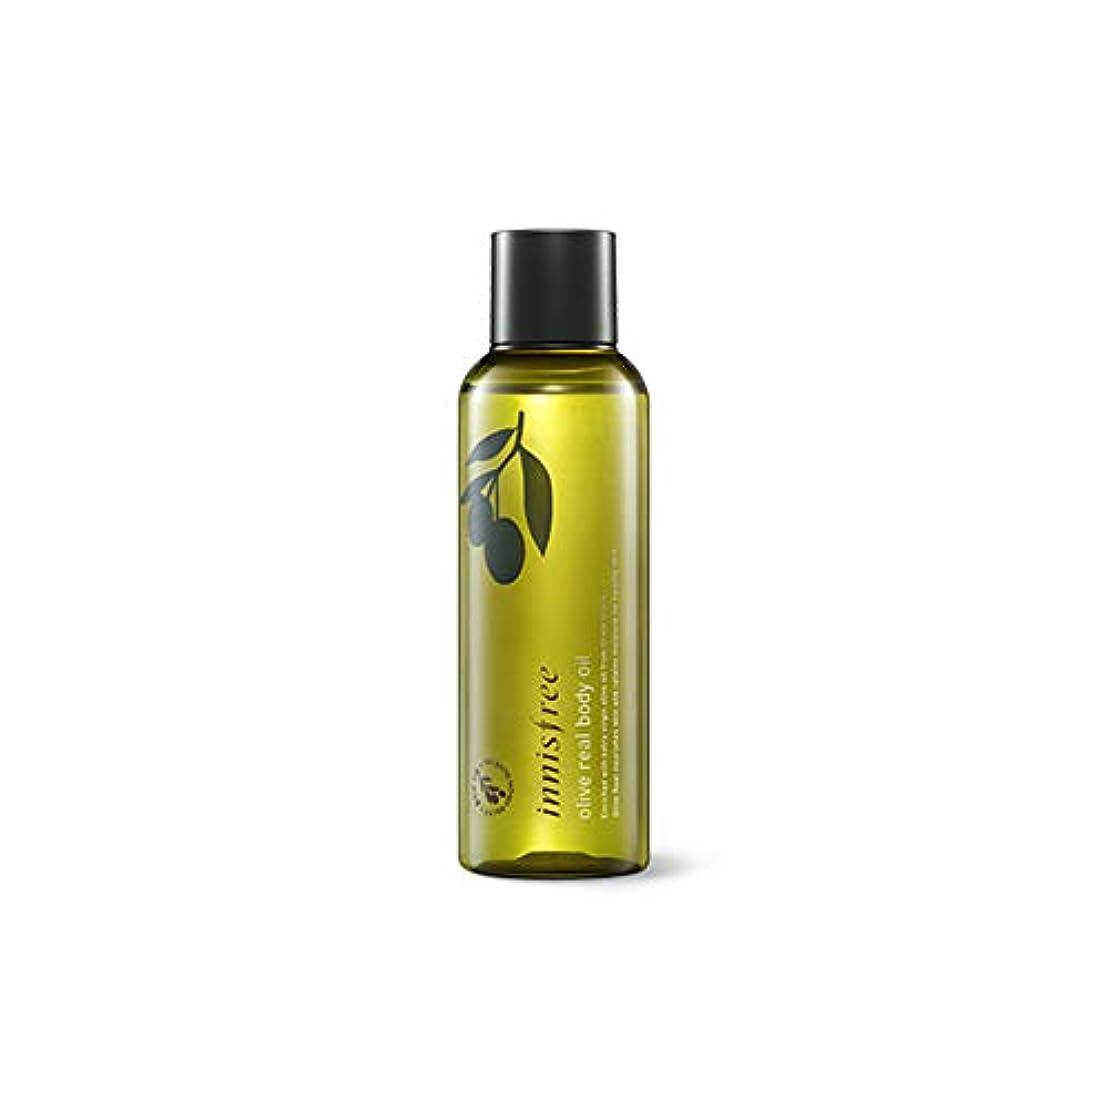 封筒死んでいる古いイニスフリー Innisfree オリーブリアルボディーオイル(150ml) Innisfree Olive Real Body Oil(150ml) [海外直送品]